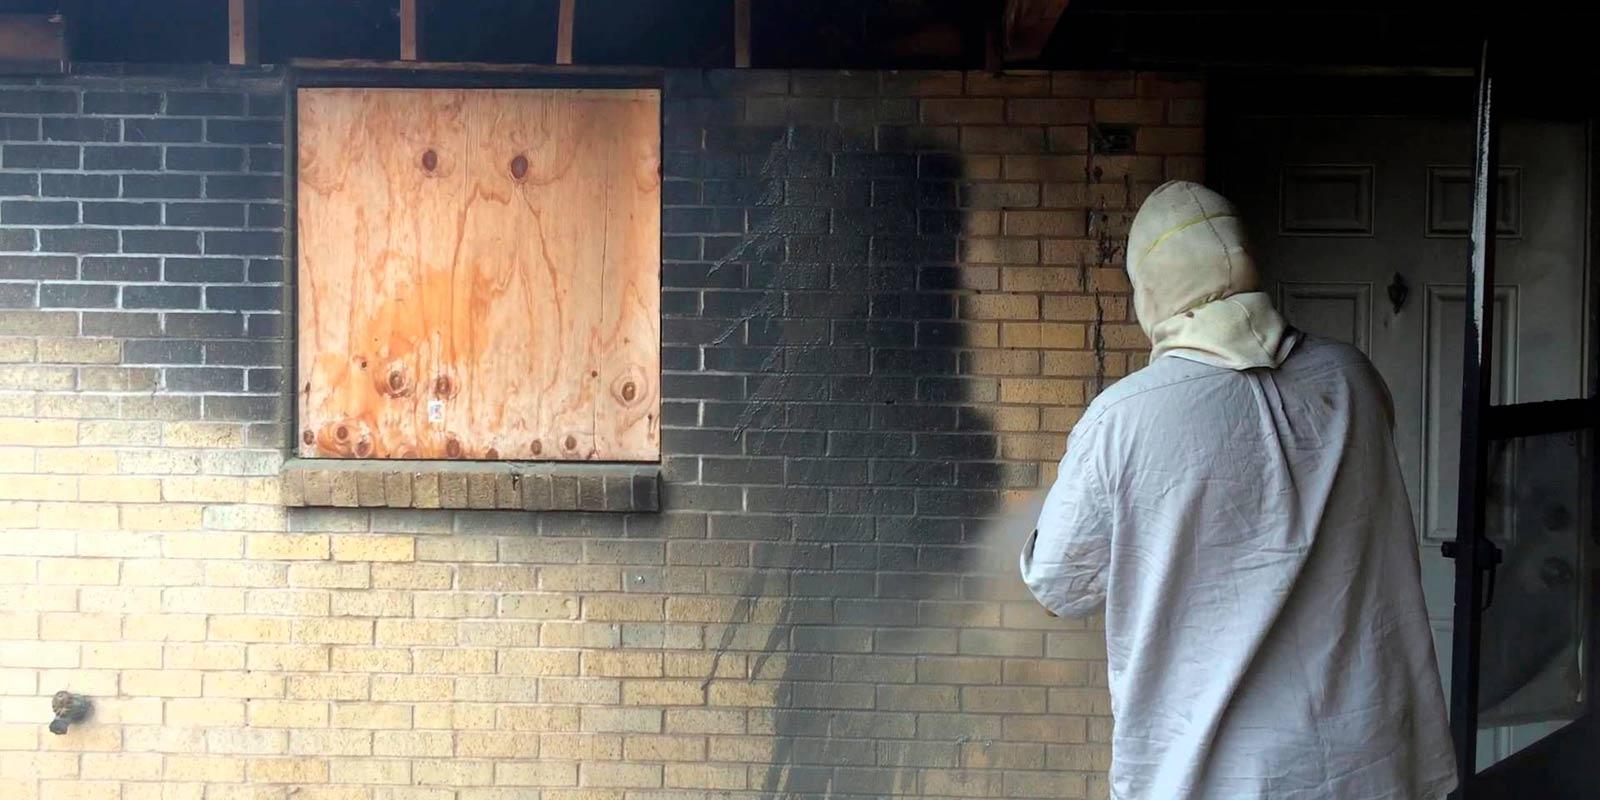 К кому обращаться по чистке фасада после пожара в многоэтажном здание?